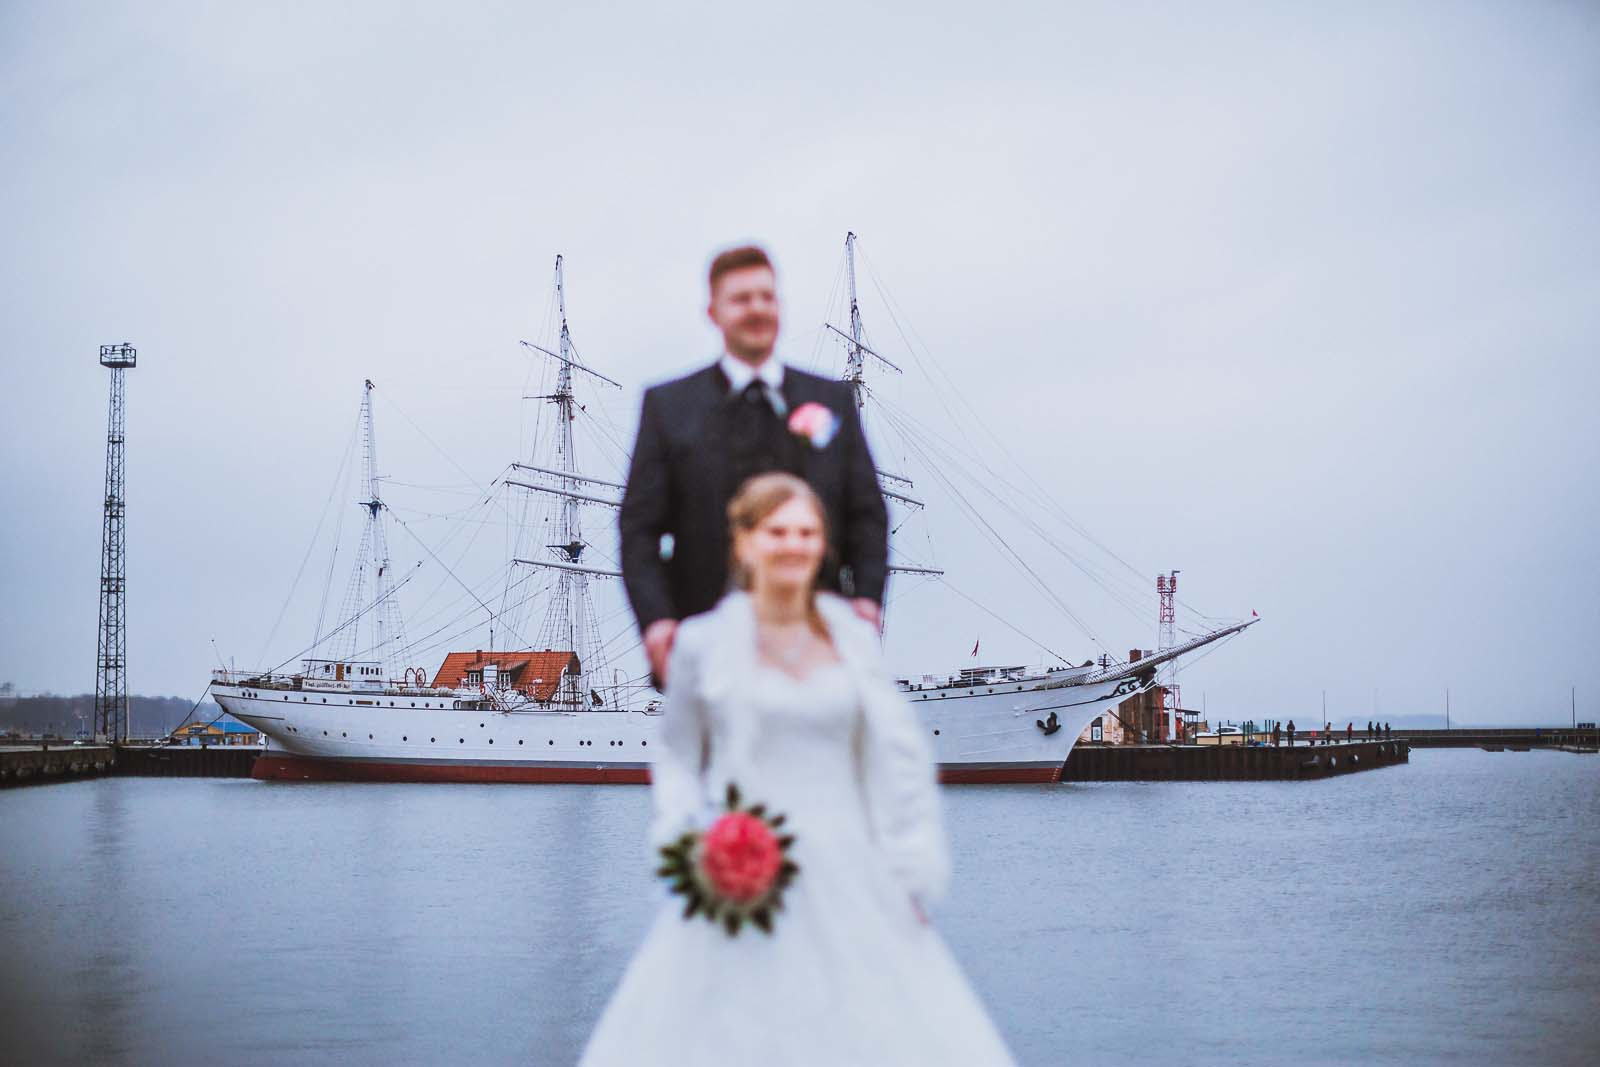 Hochzeitsfotograf Stralsund fotografiert Detail der Gorch Fock mit Brautpaar Copyright by Hochzeitsfotograf www.berliner-hochzeitsfotografie.de